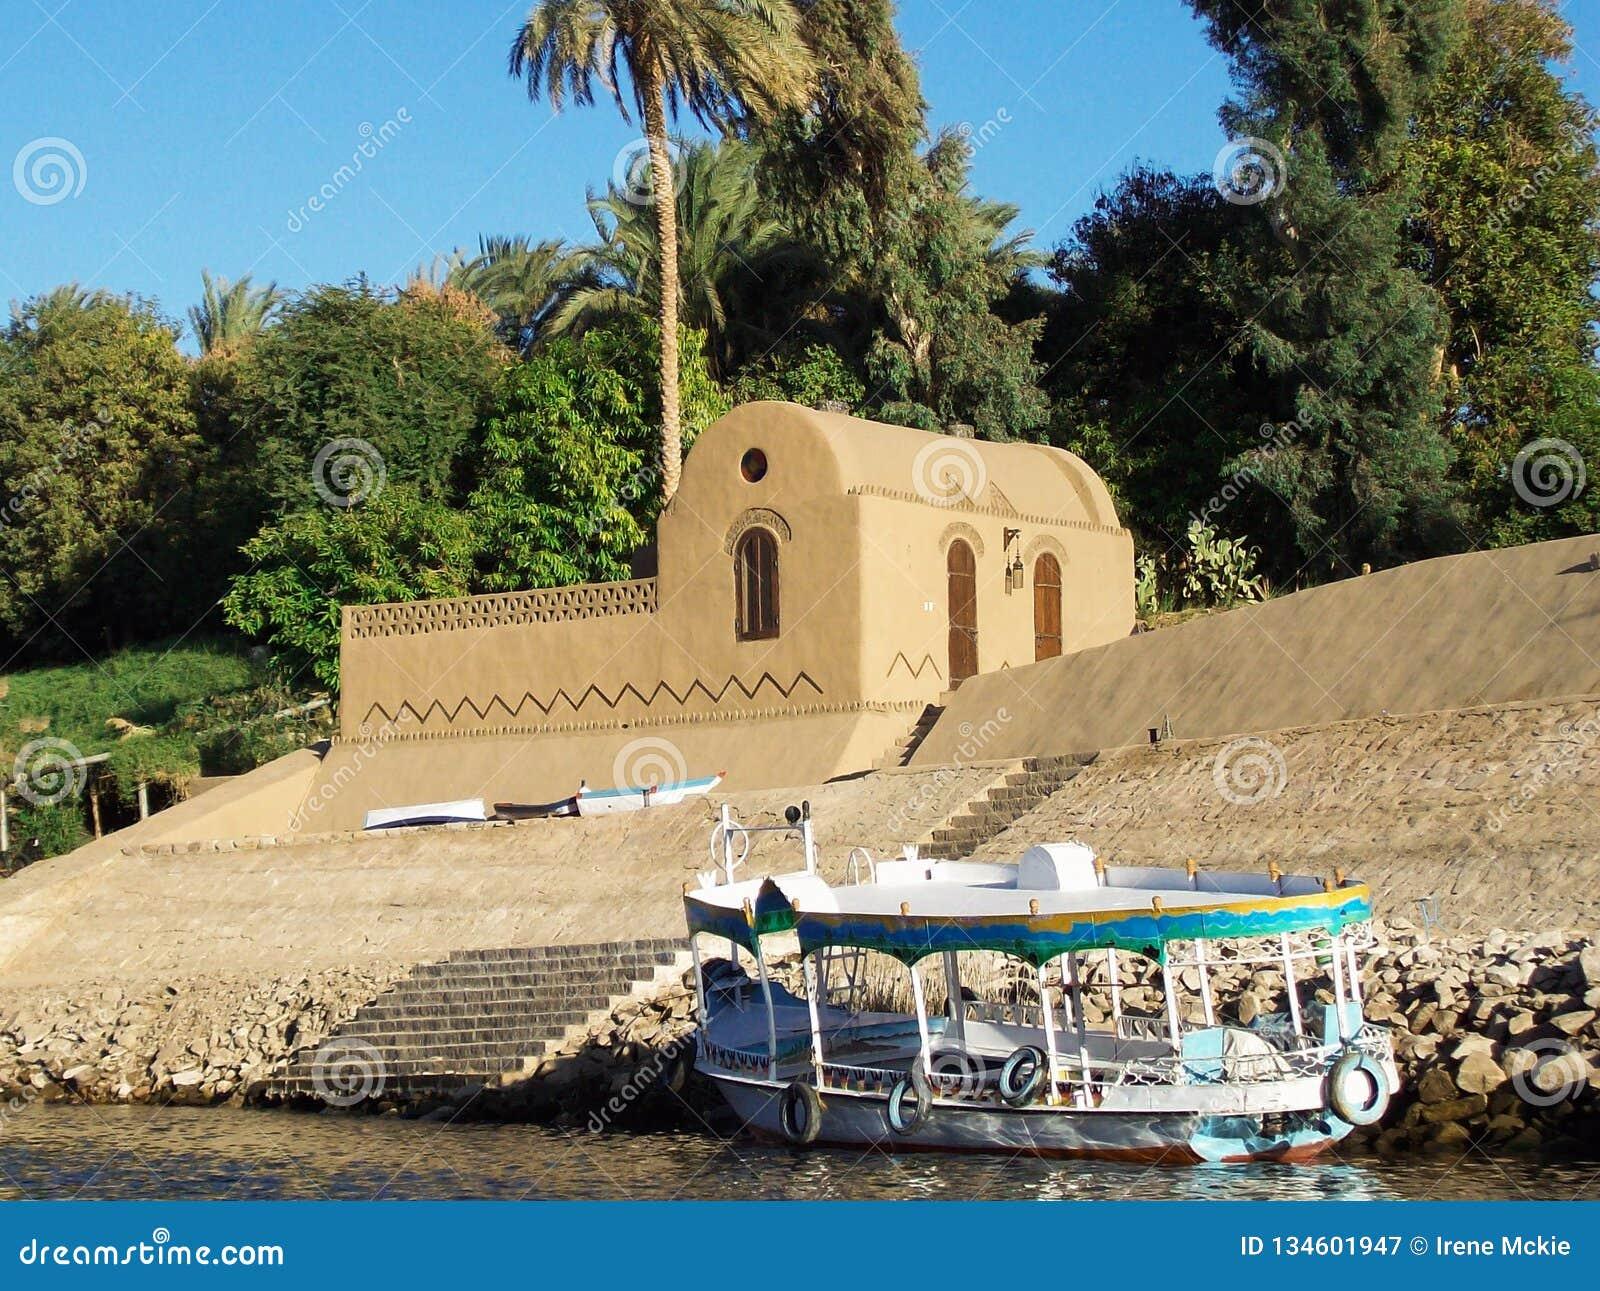 Egito, Nilo, casa egípcia no banco do rio, com o barco amarrado